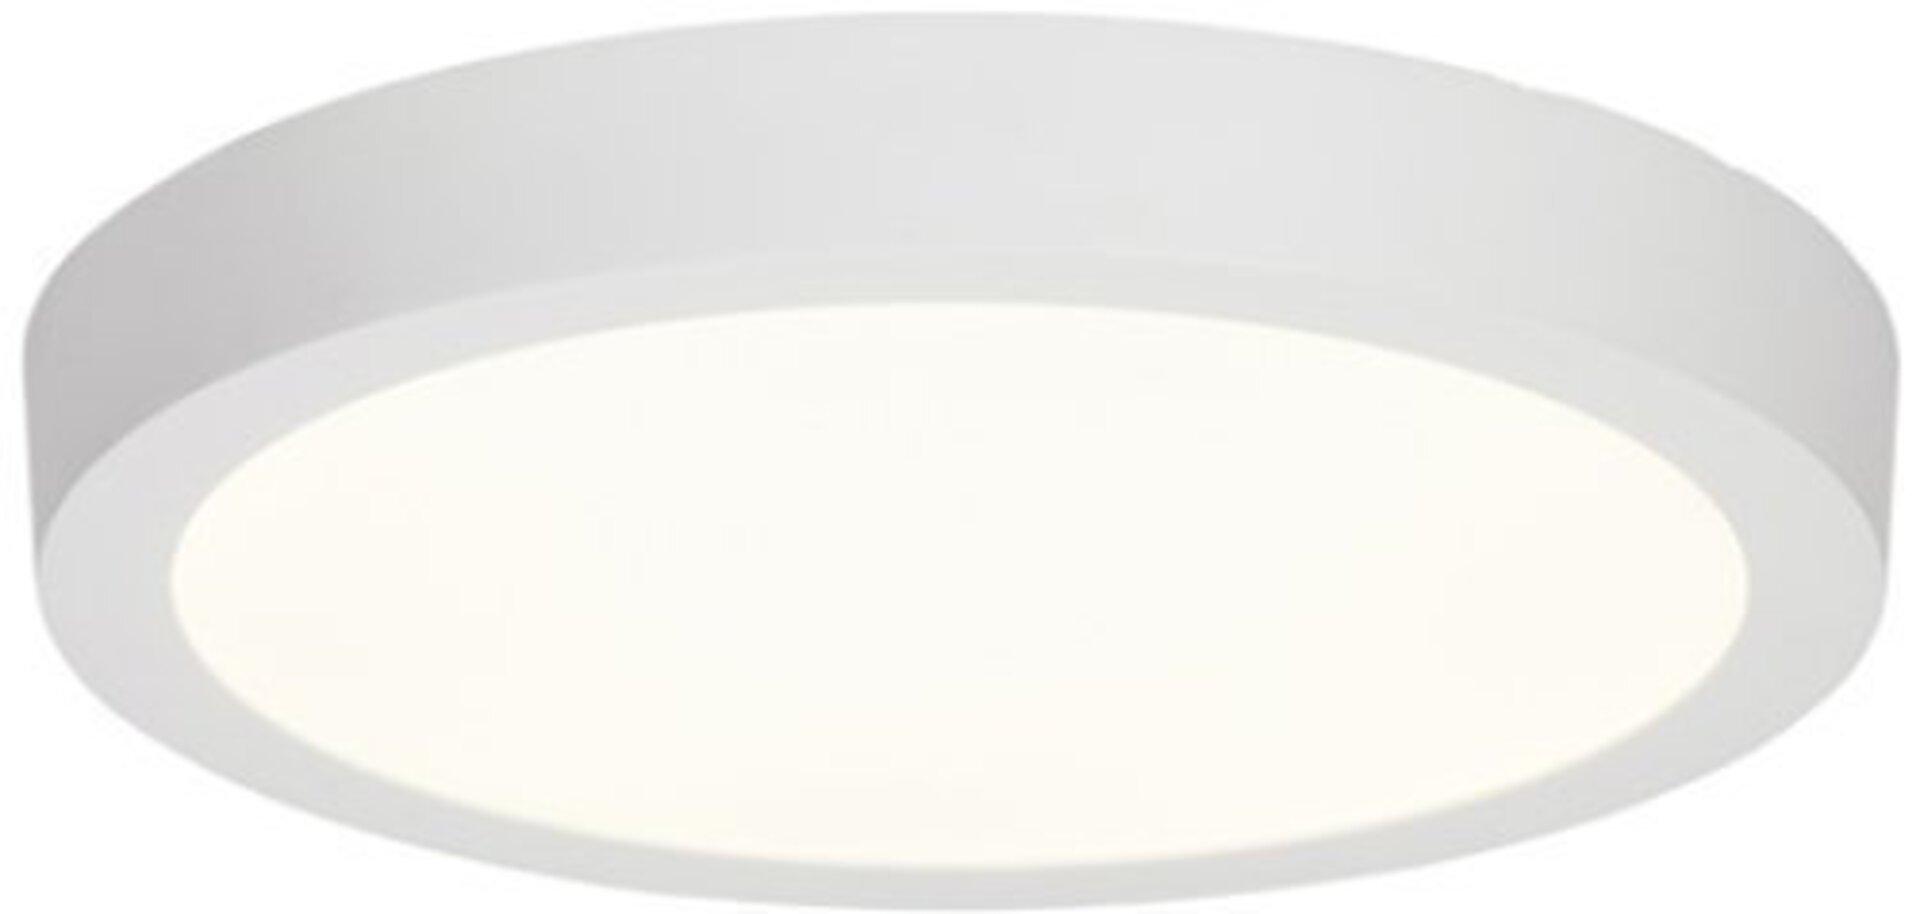 Deckenleuchte KATALINA Brilliant Metall weiß 29 x 4 x 29 cm